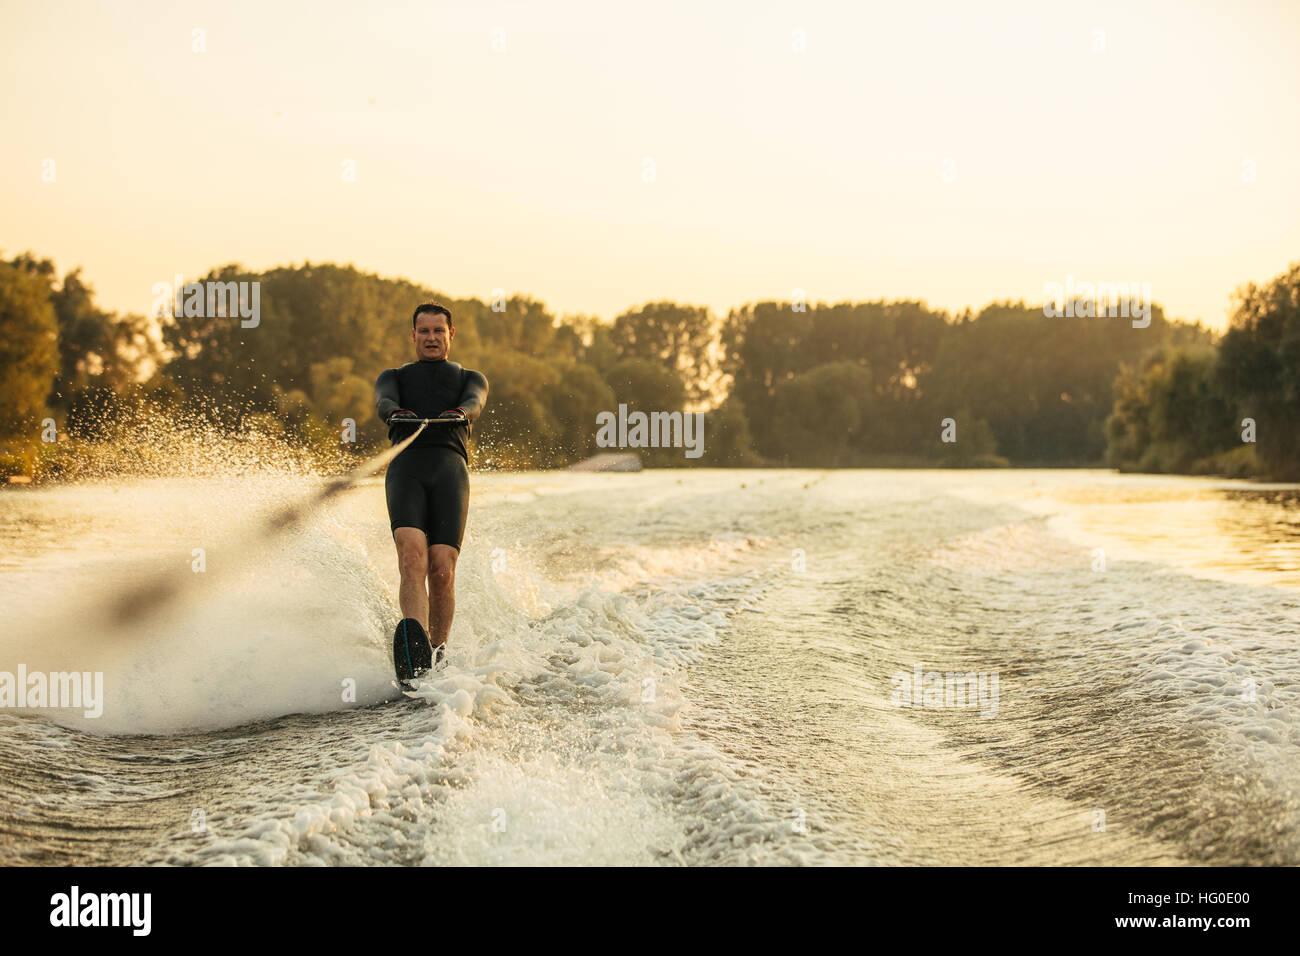 Man riding planche sur vague de bateau à moteur. Homme ski nautique derrière un bateau sur le lac. Photo Stock